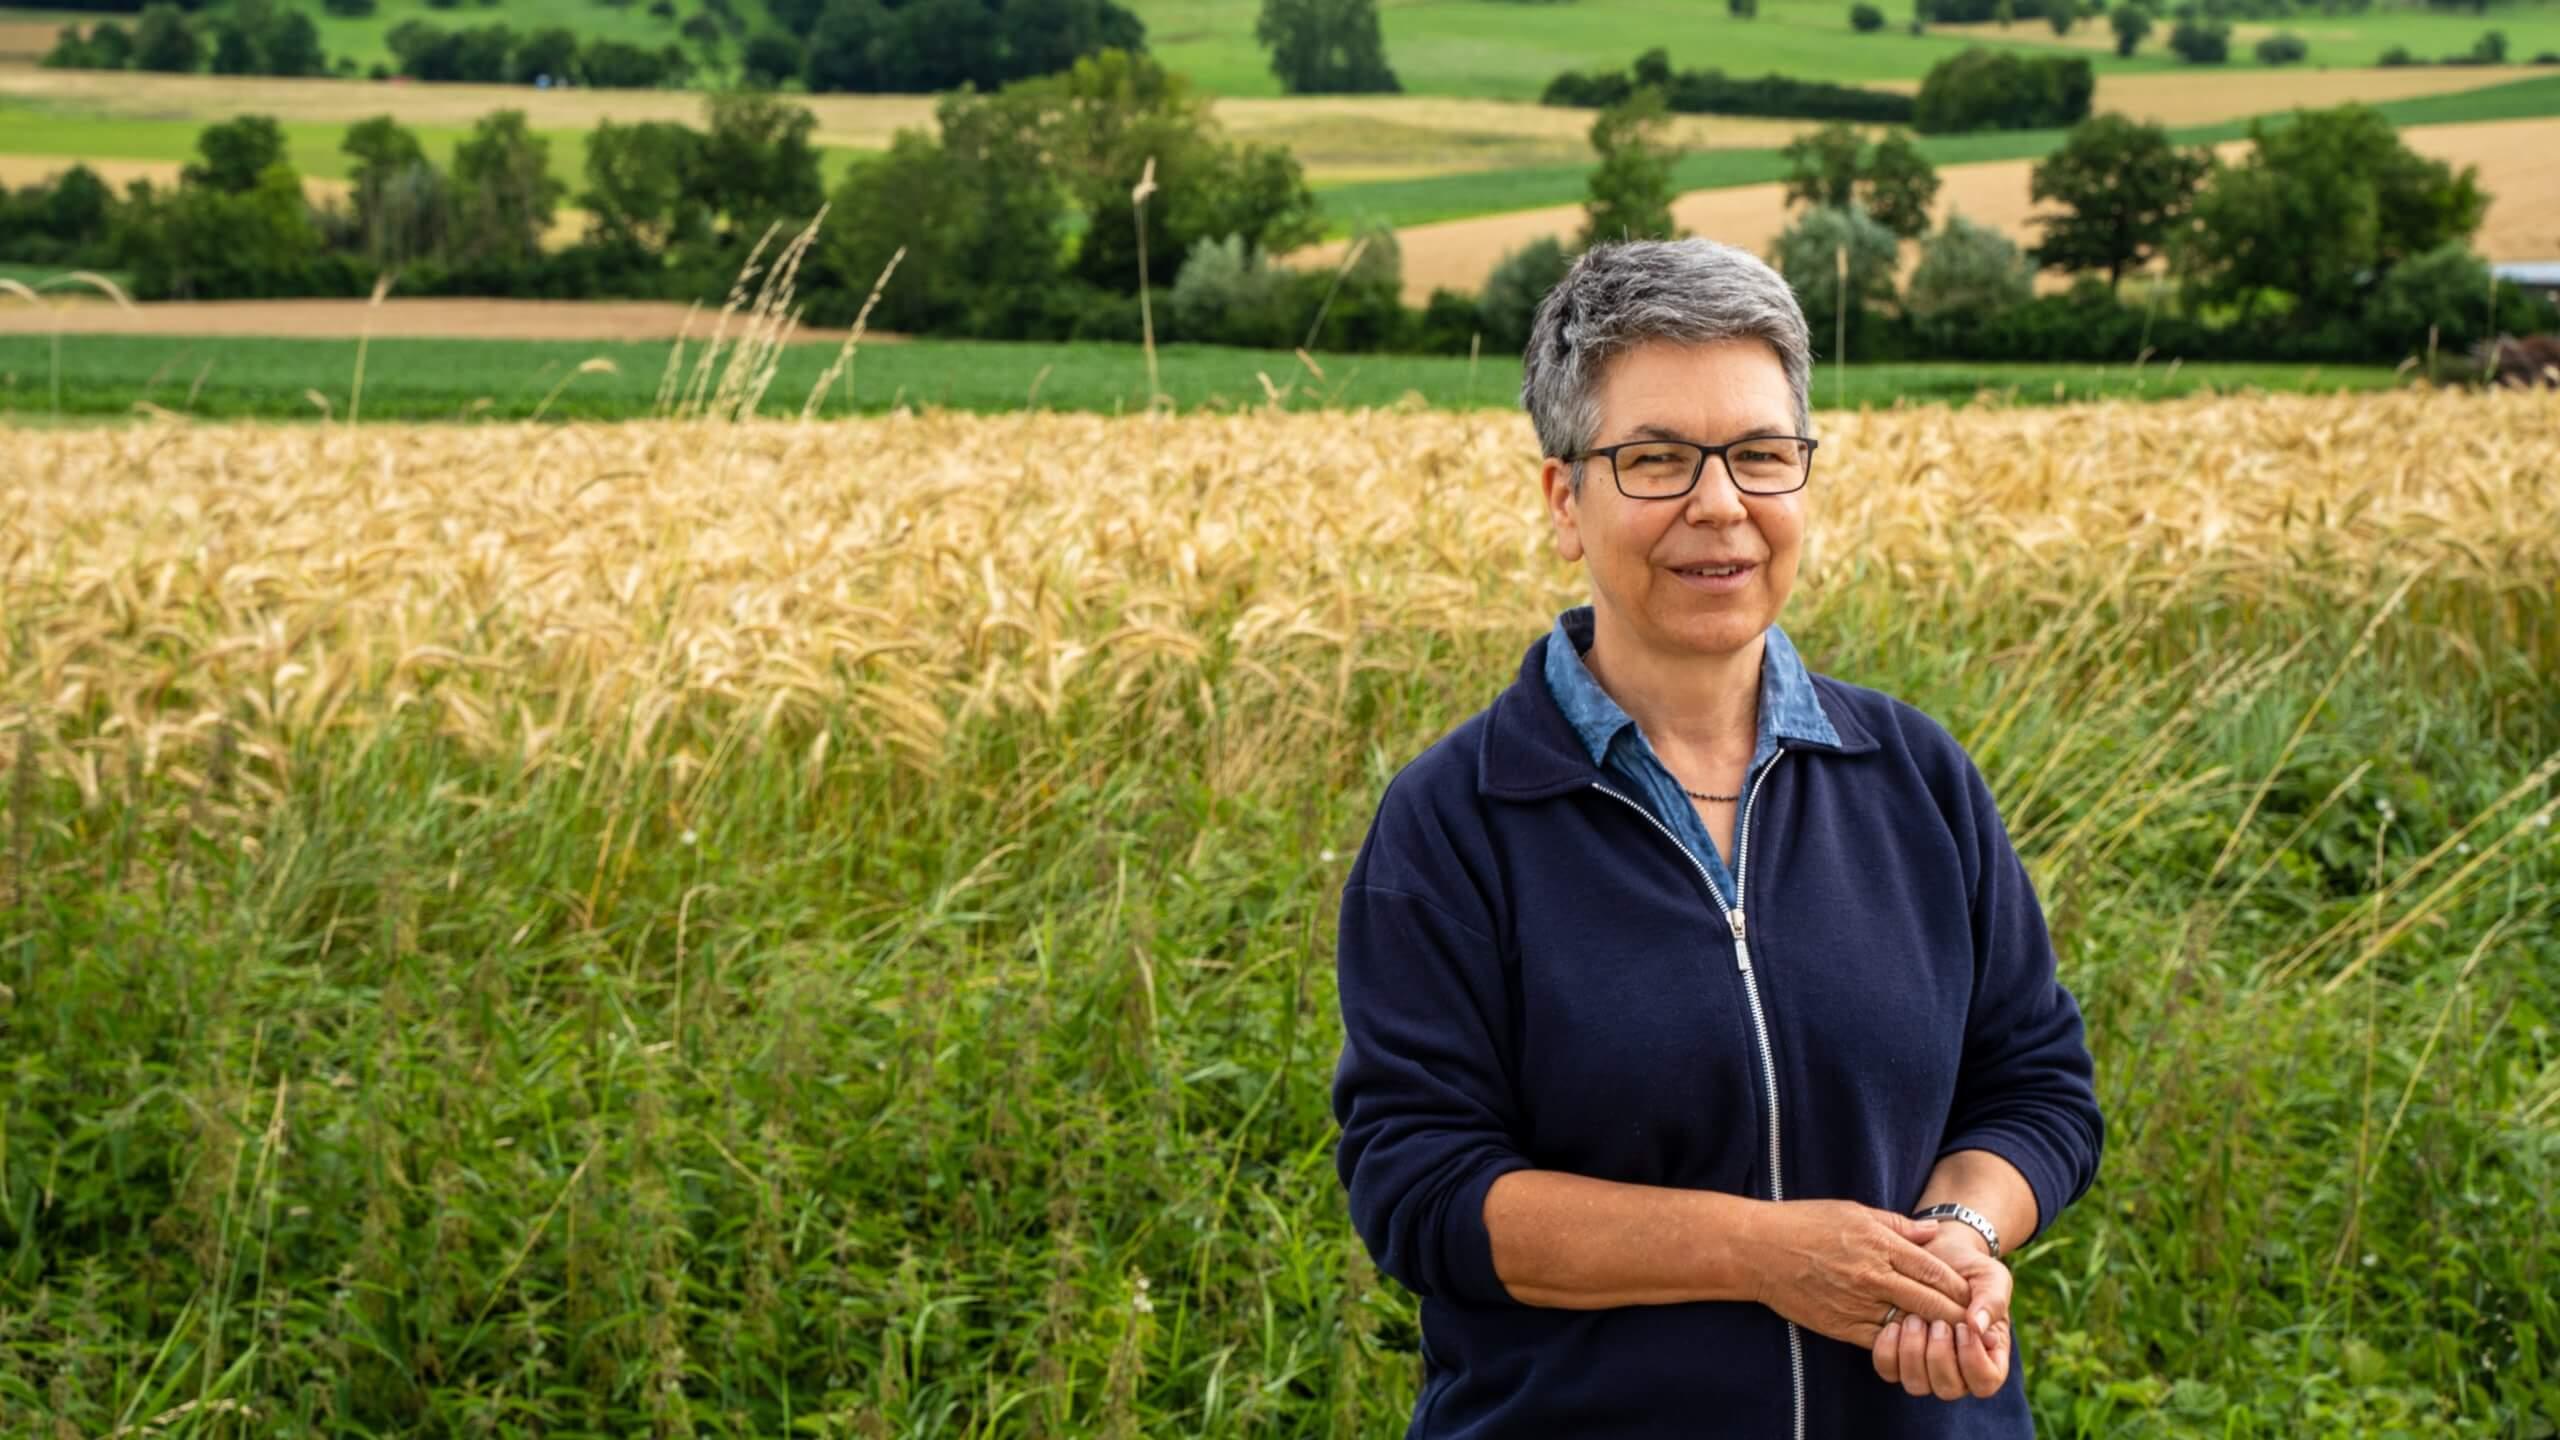 Brigitte Geiß, Ansprechpartnerin für Wildlebensraumberatung des AELF